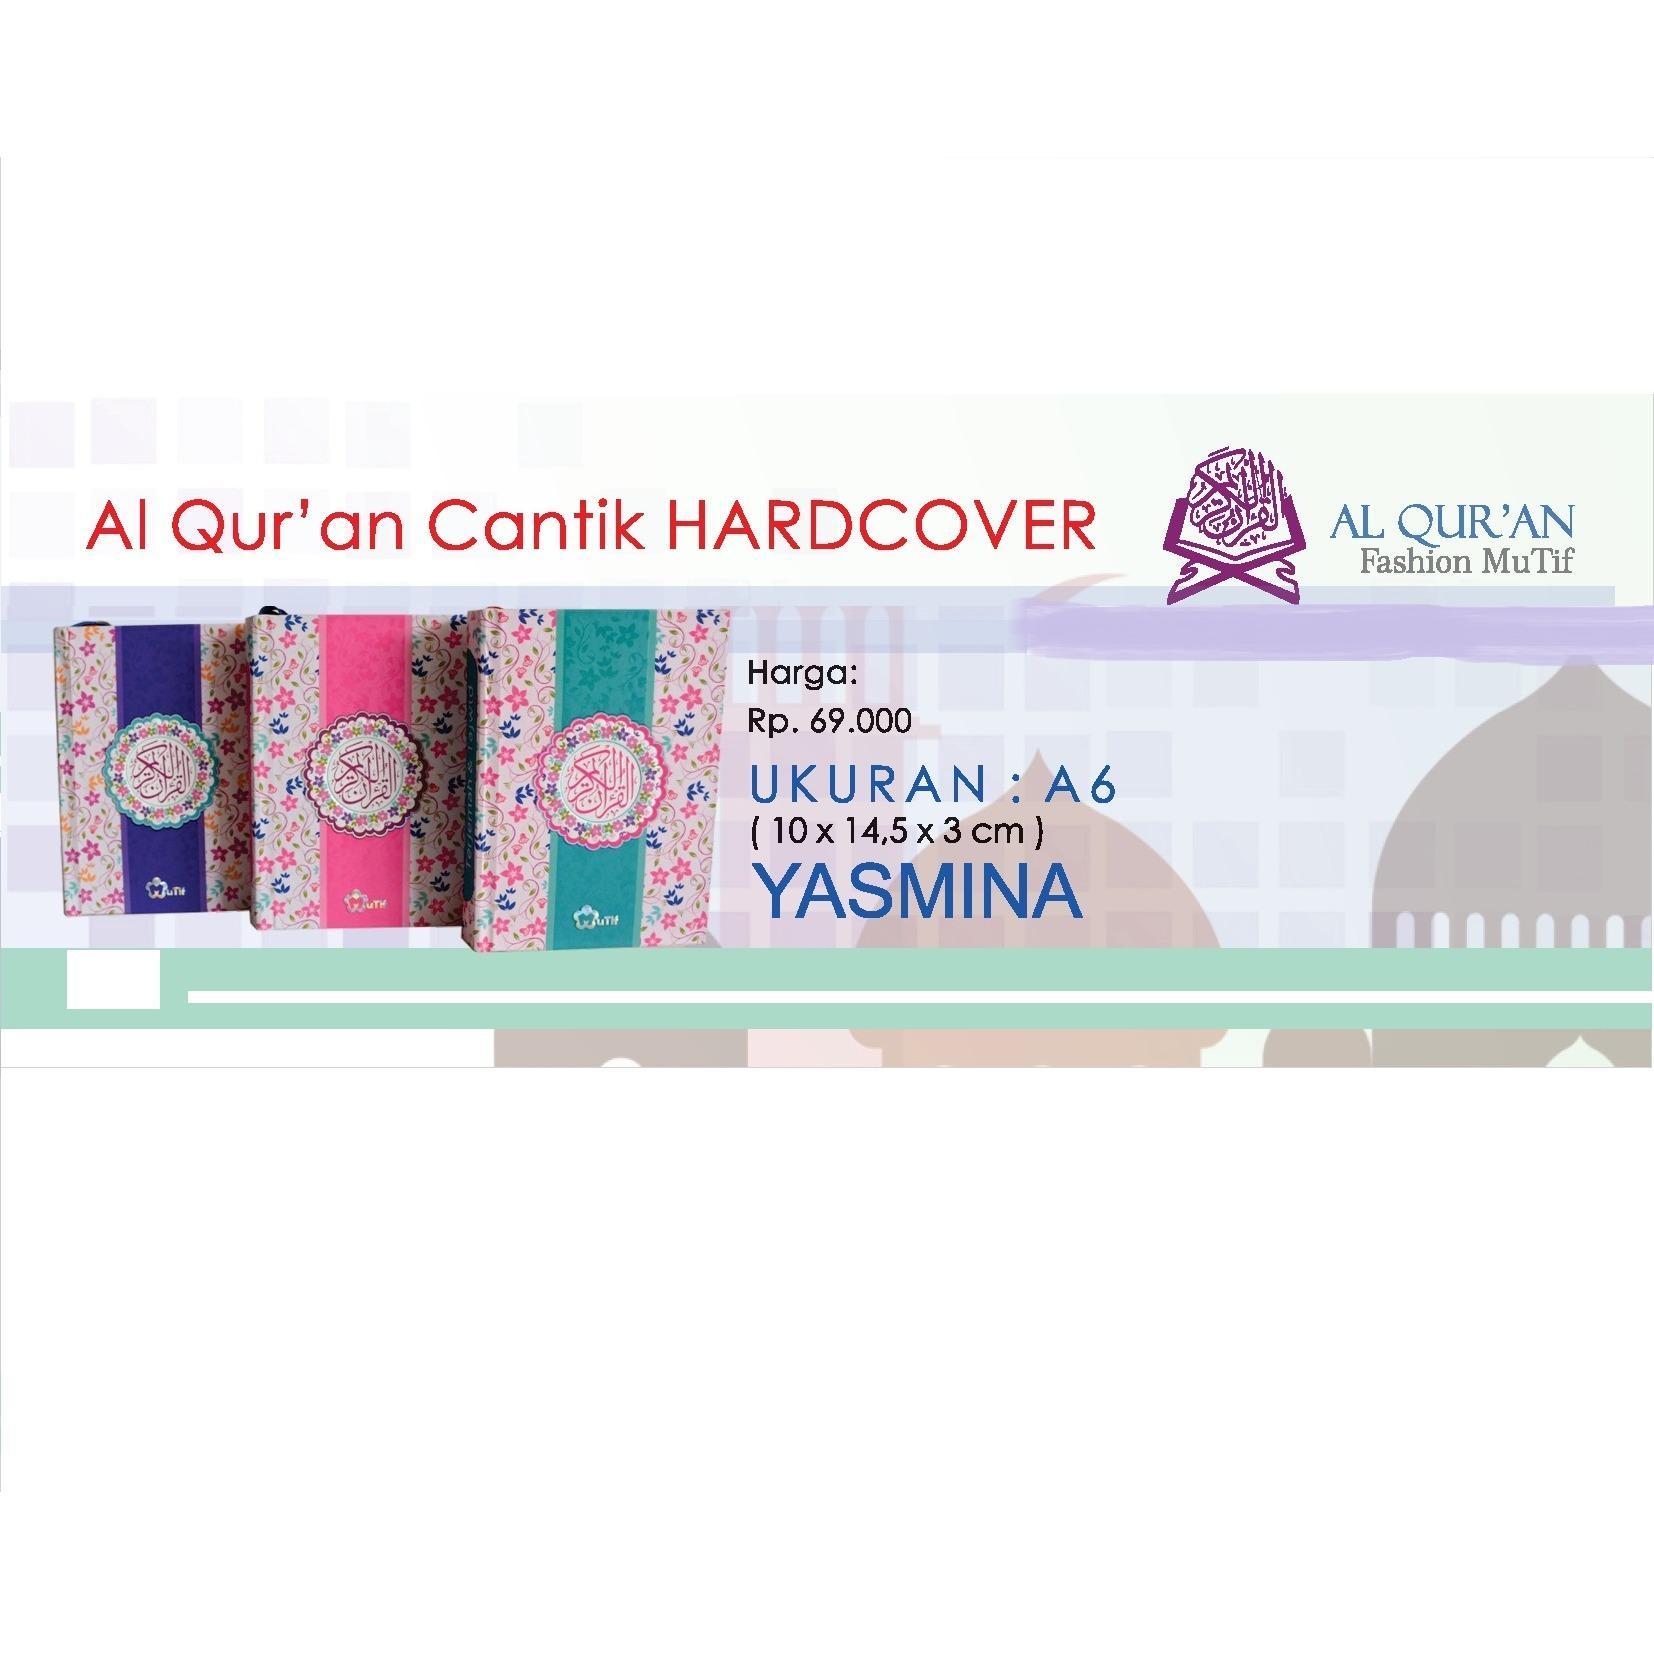 Mutif Al-Qur'an Cantik Yasmina HardCover Tafsir Perkata Al-Quran Wanita Terbaru